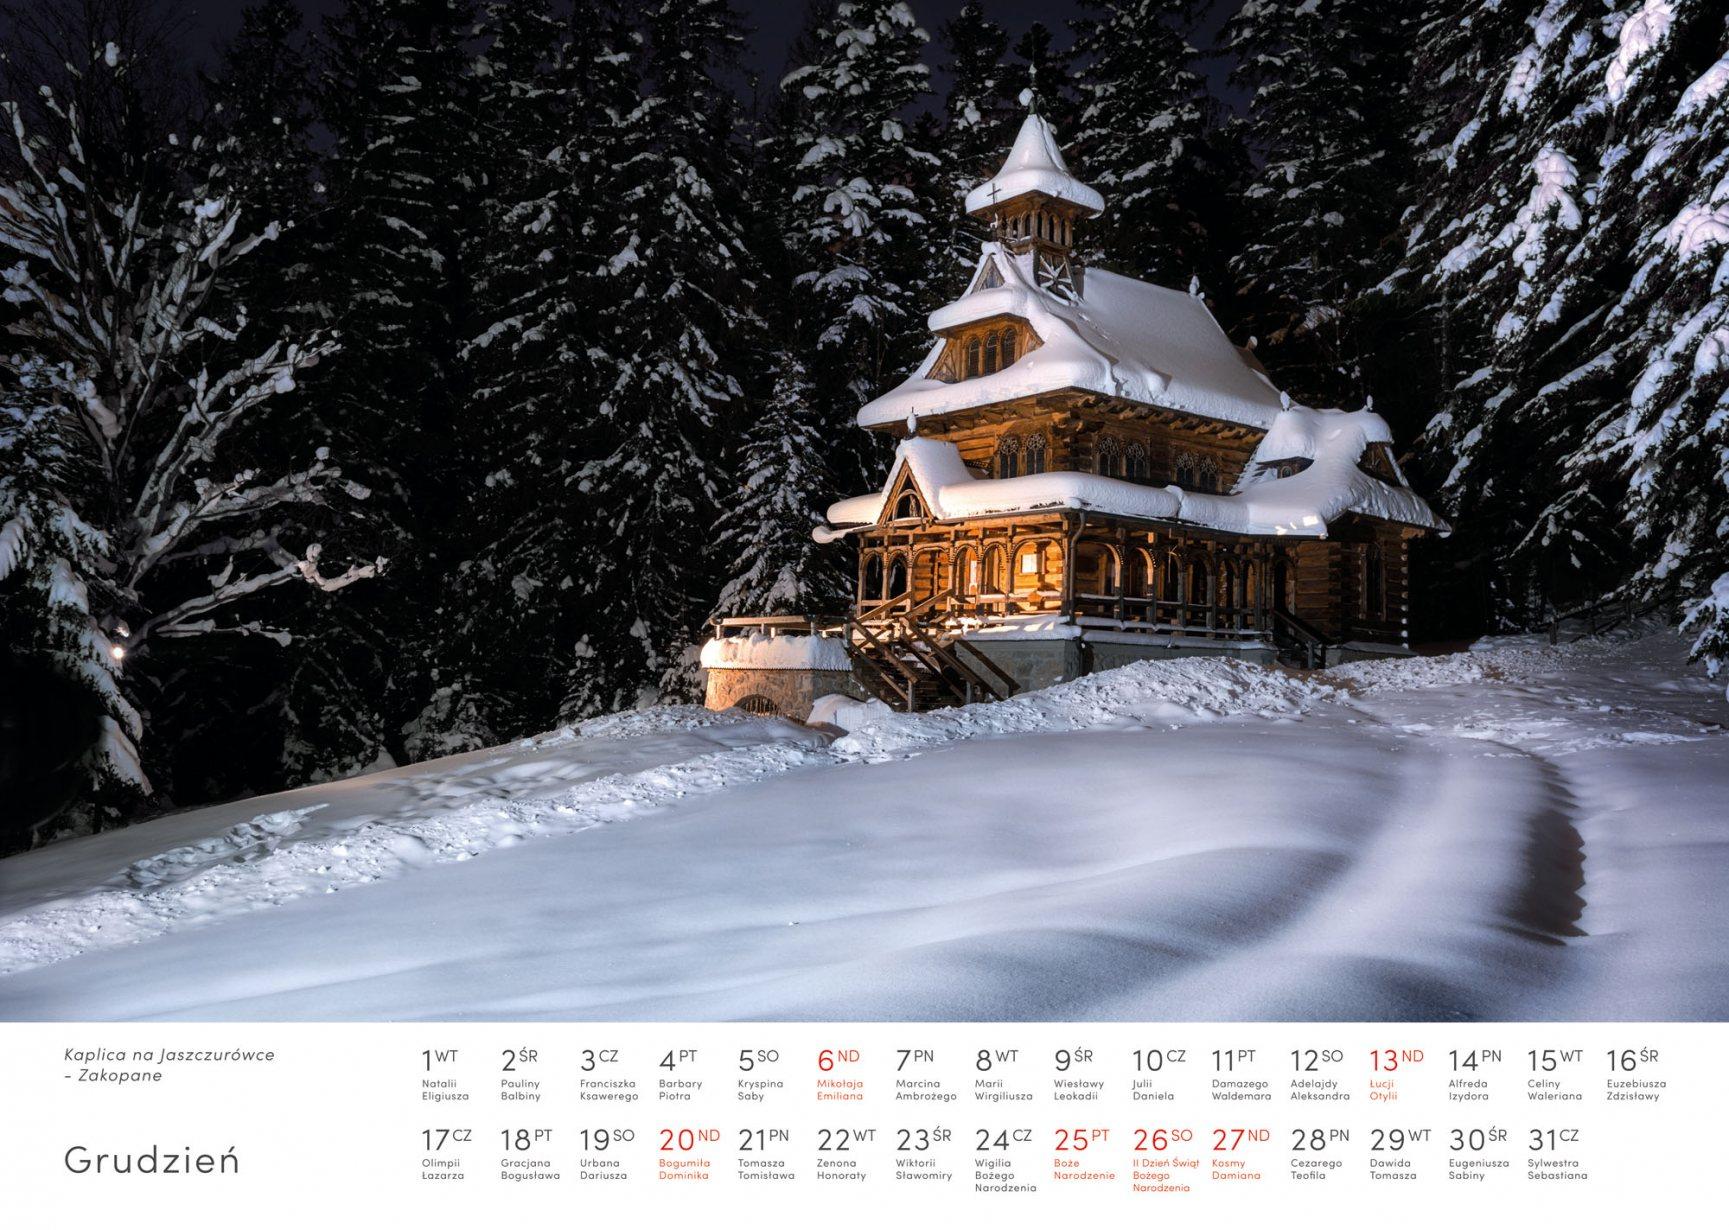 Kalendarz krajobrazy 2020 - Grudzień - Piotr Kałuża - Kaplica na Jaszczurówce w Zakopanem